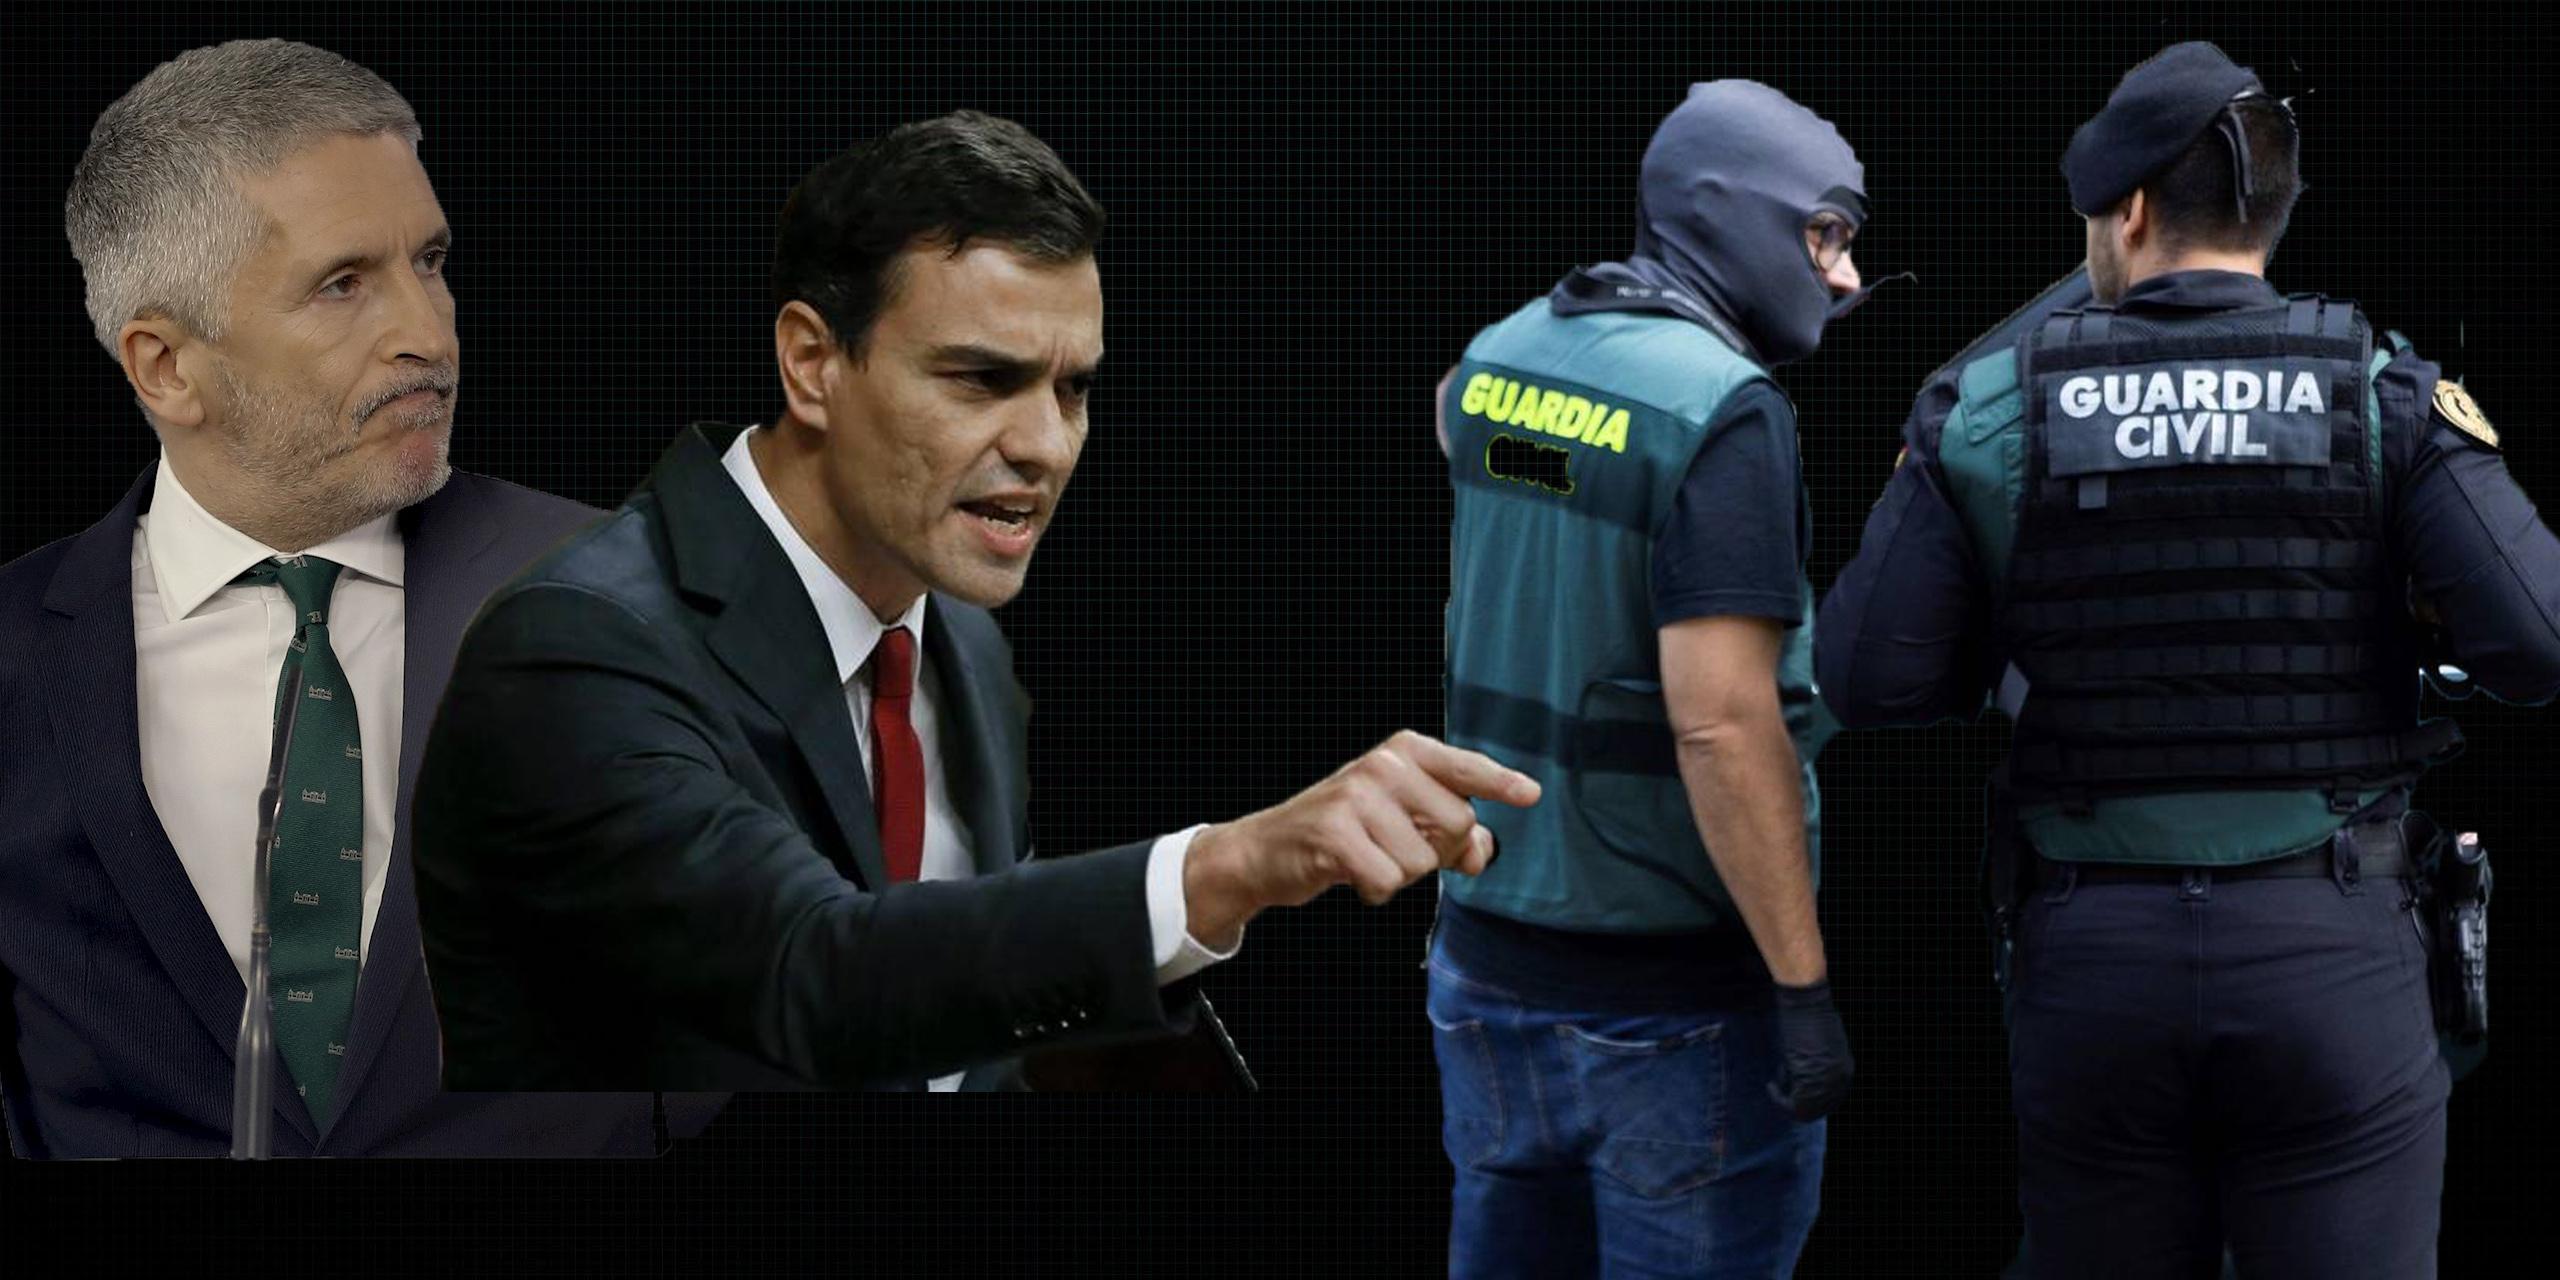 La durísima carta de la Guardia Civil a Sánchez y Marlaska por despreciar, hasta tres años después, a los agentes que actuaron en el 1-O